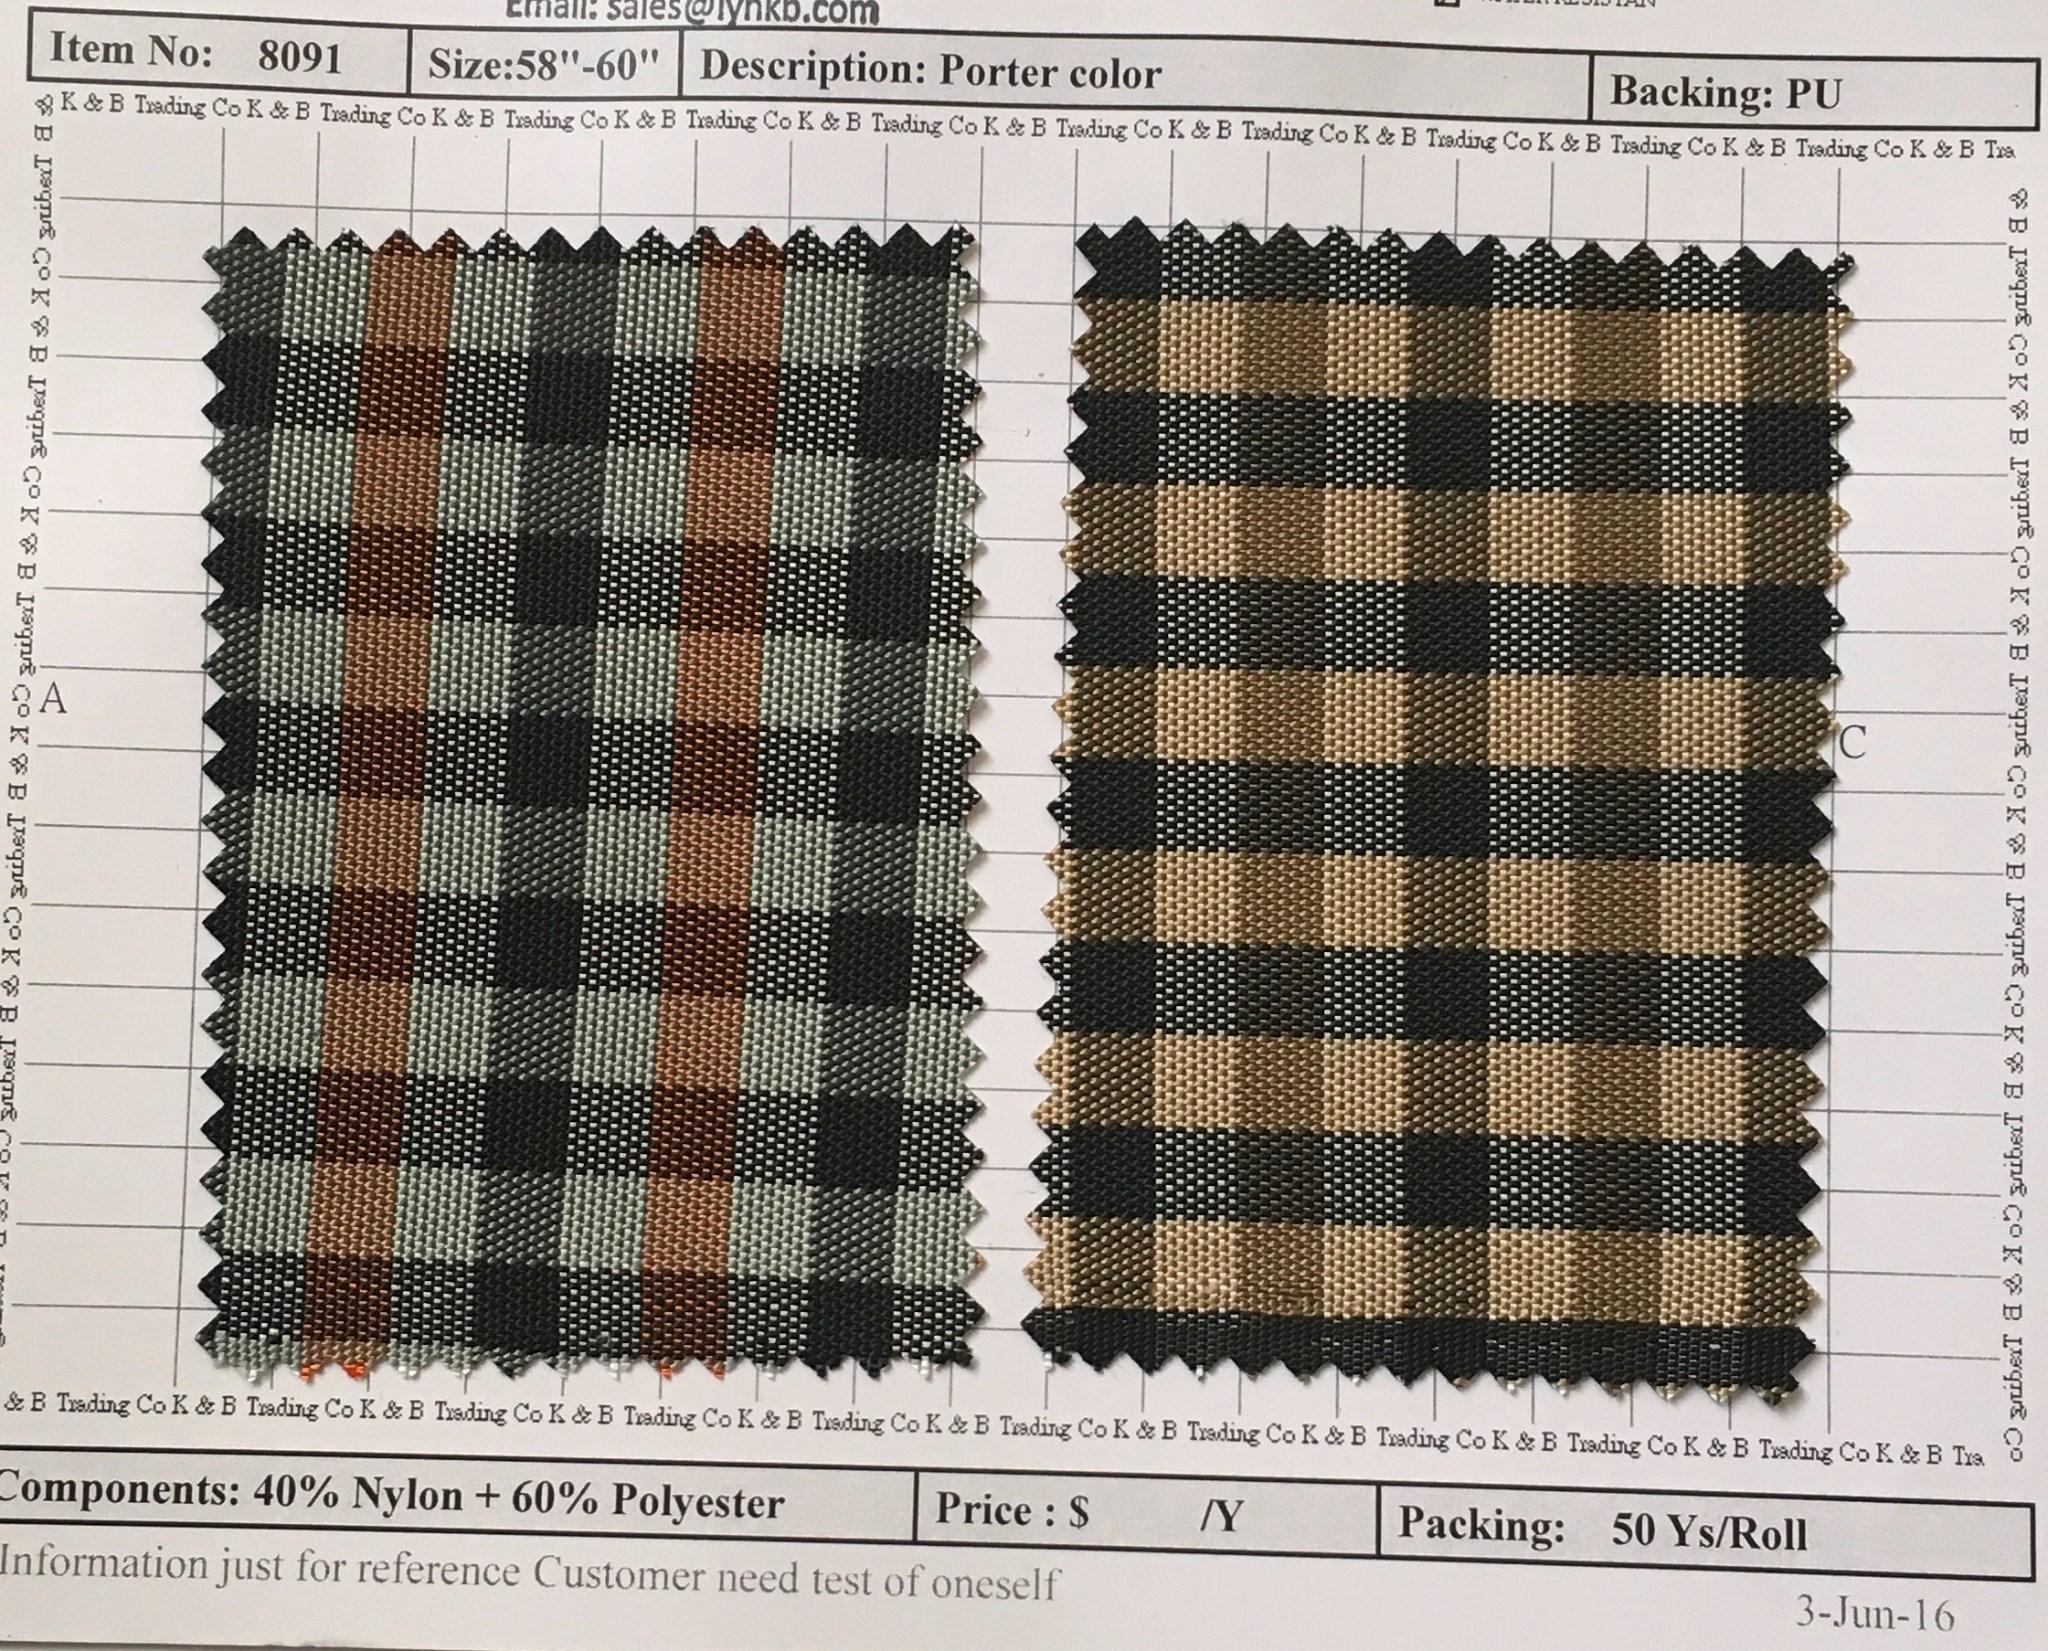 item 8091 porter color backing pu